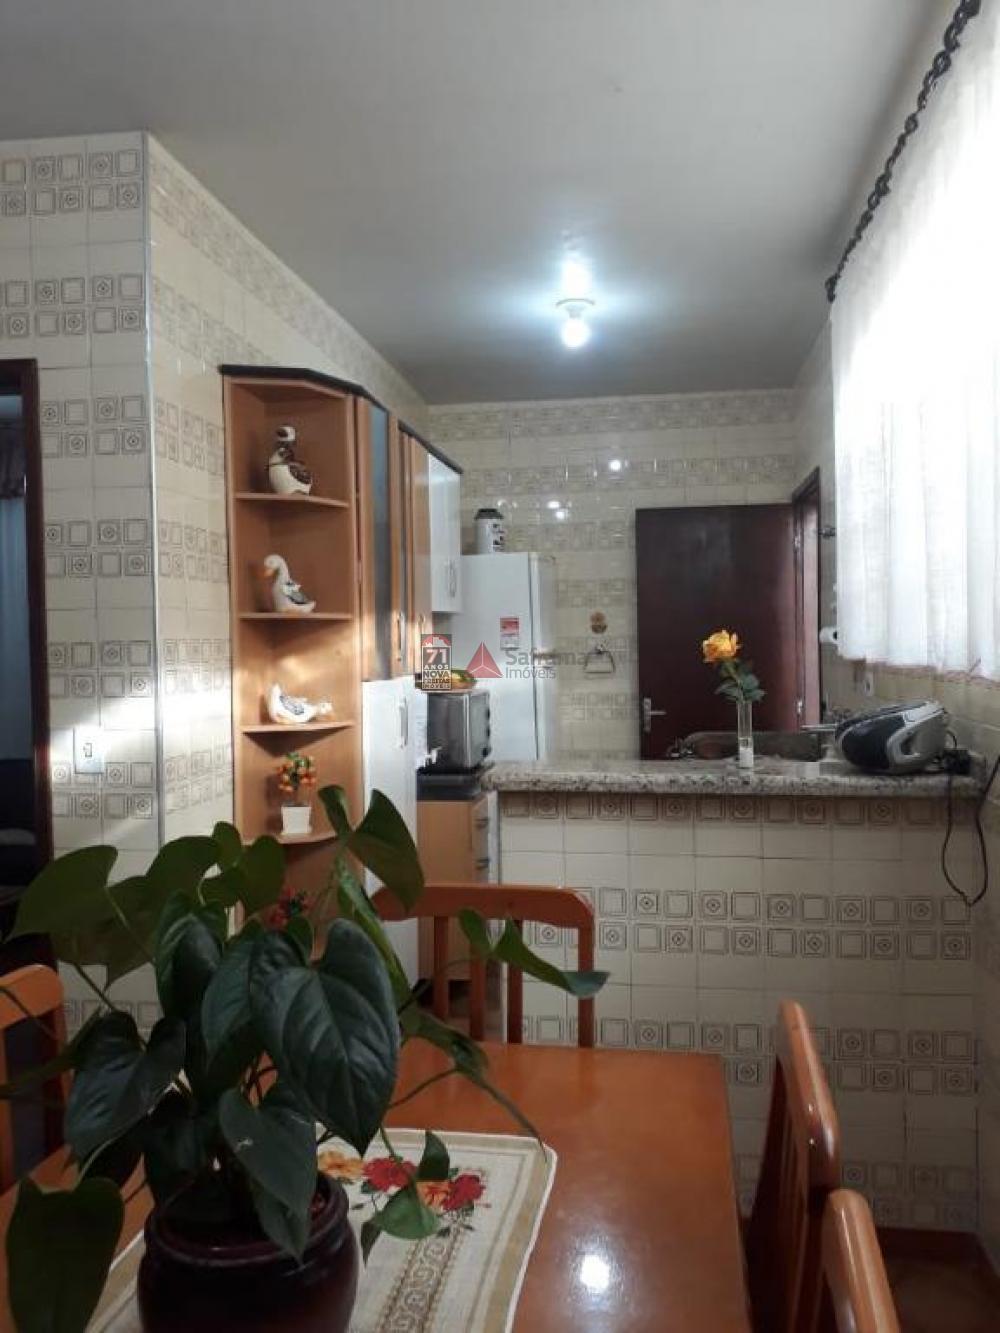 Comprar Casa / Padrão em São José dos Campos R$ 600.000,00 - Foto 6